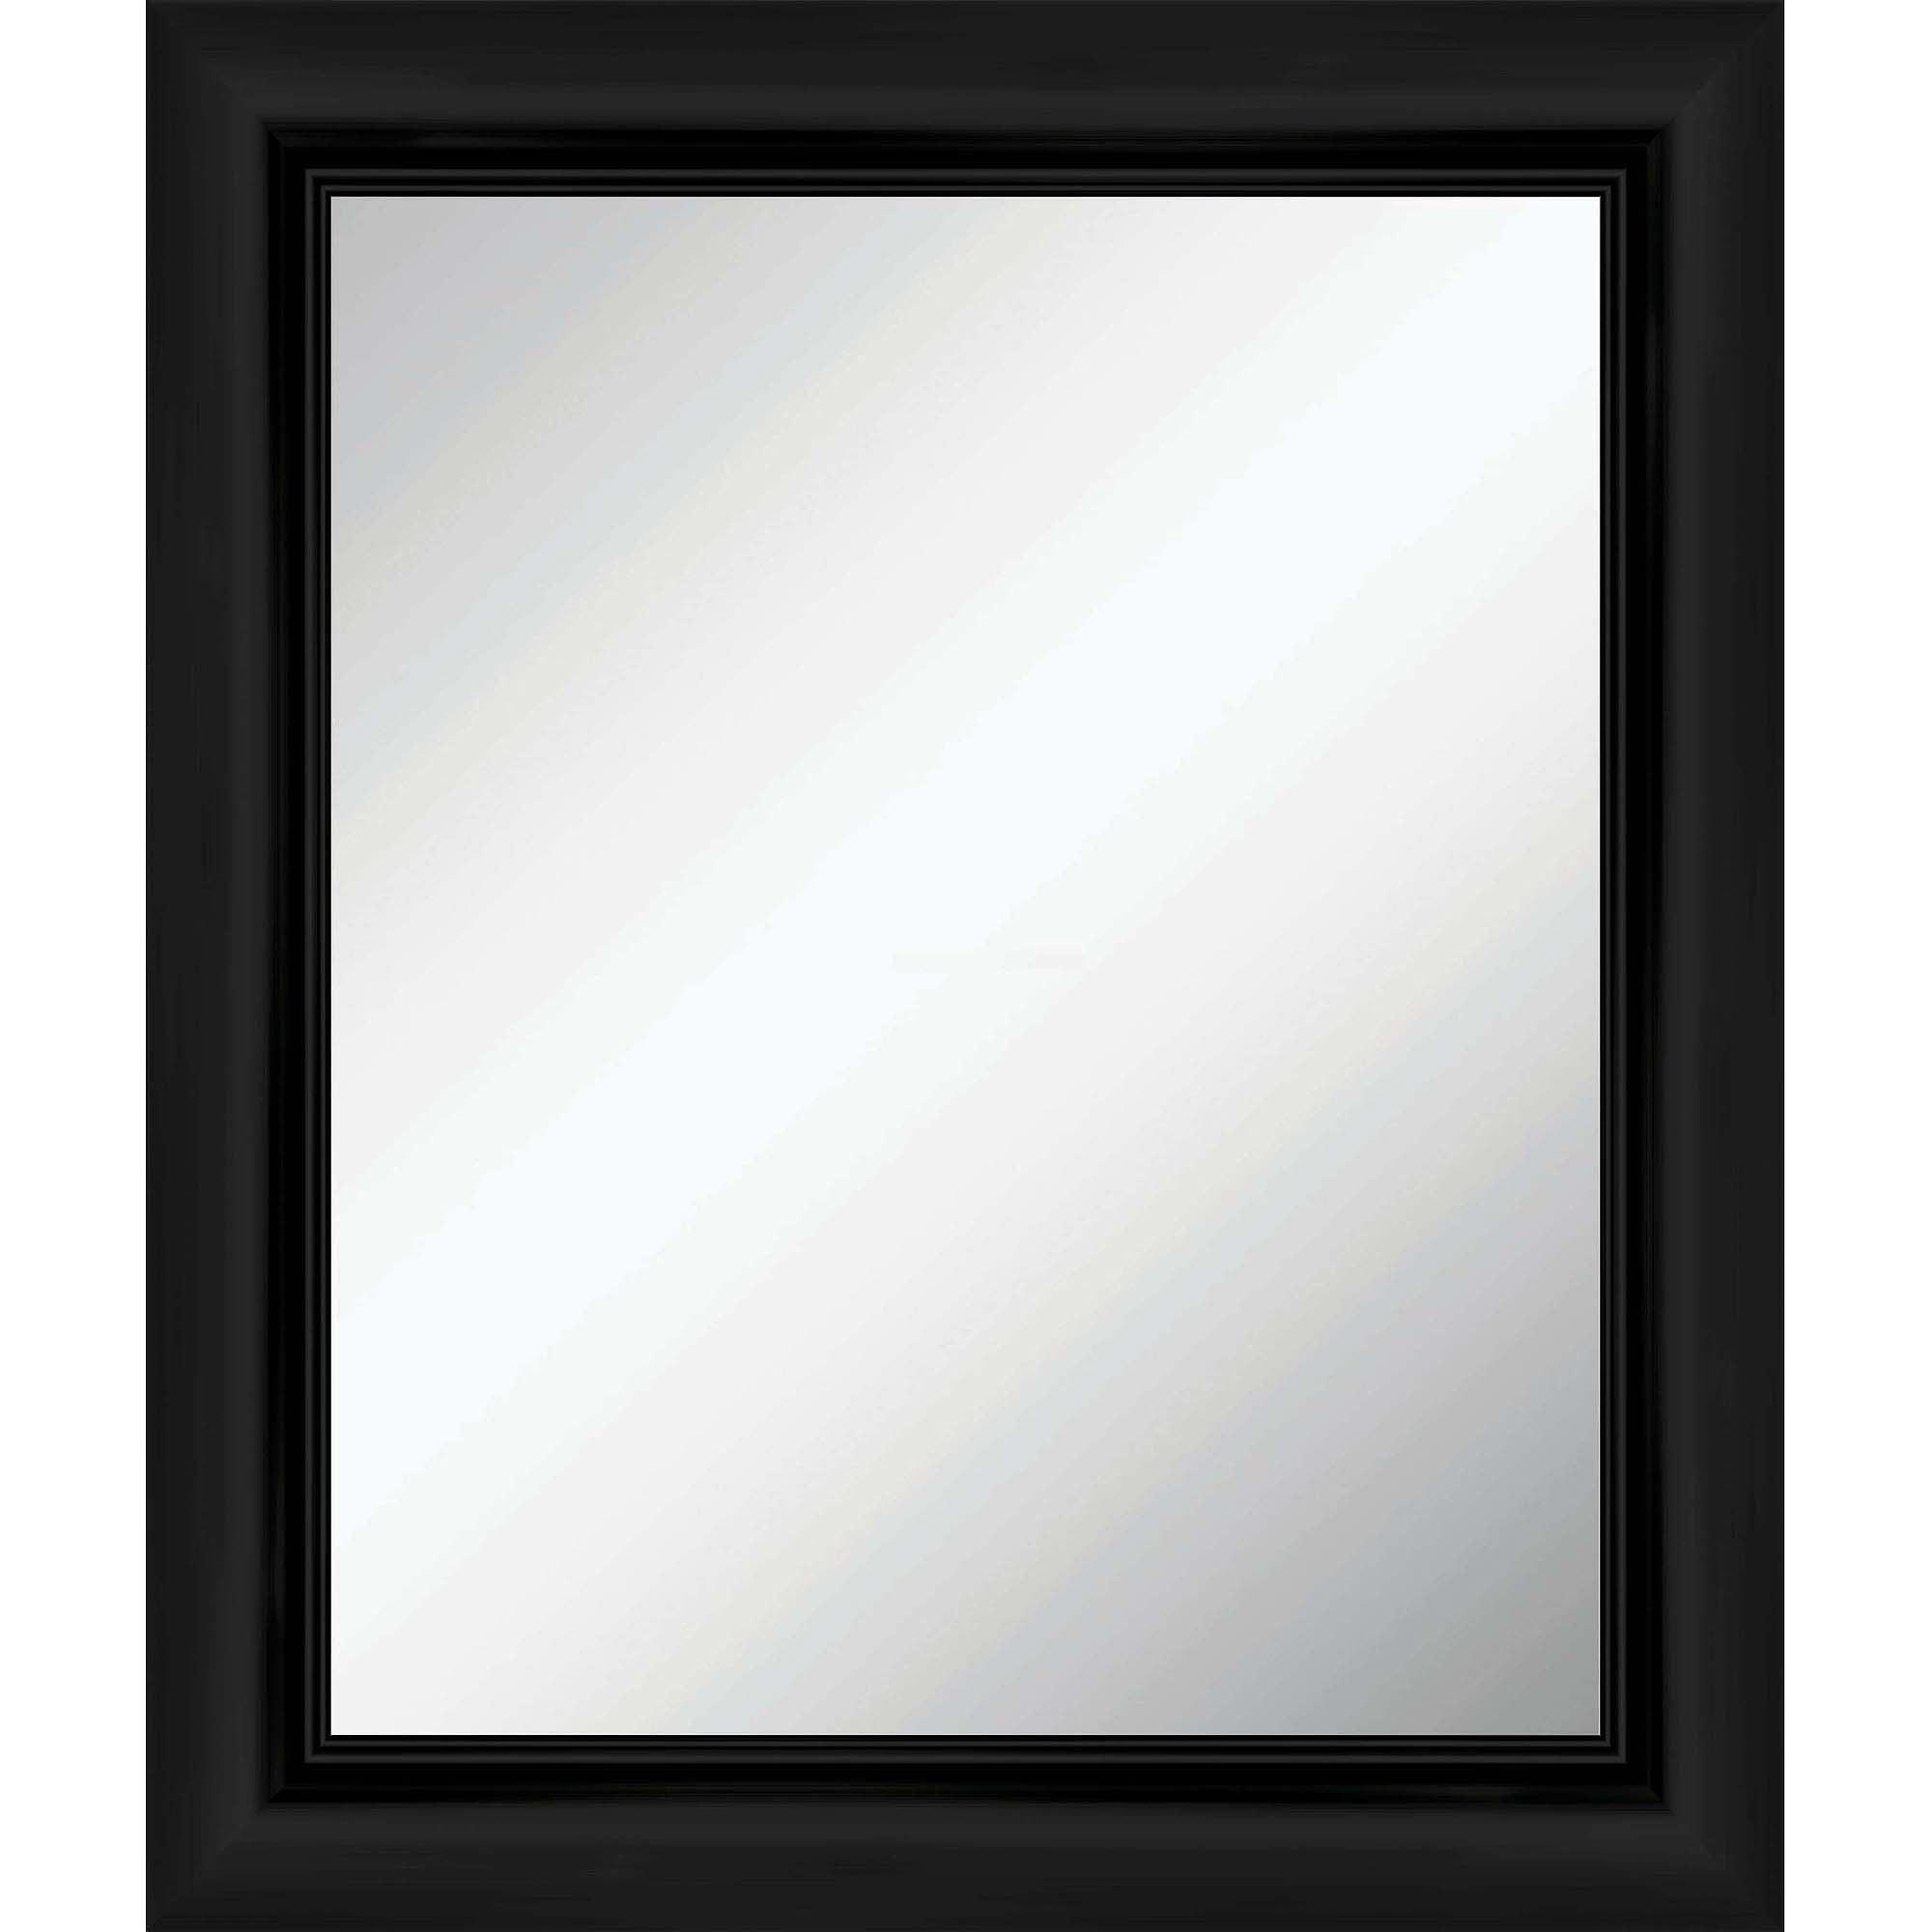 Monterrey Over-the-Sink Mirror, Black